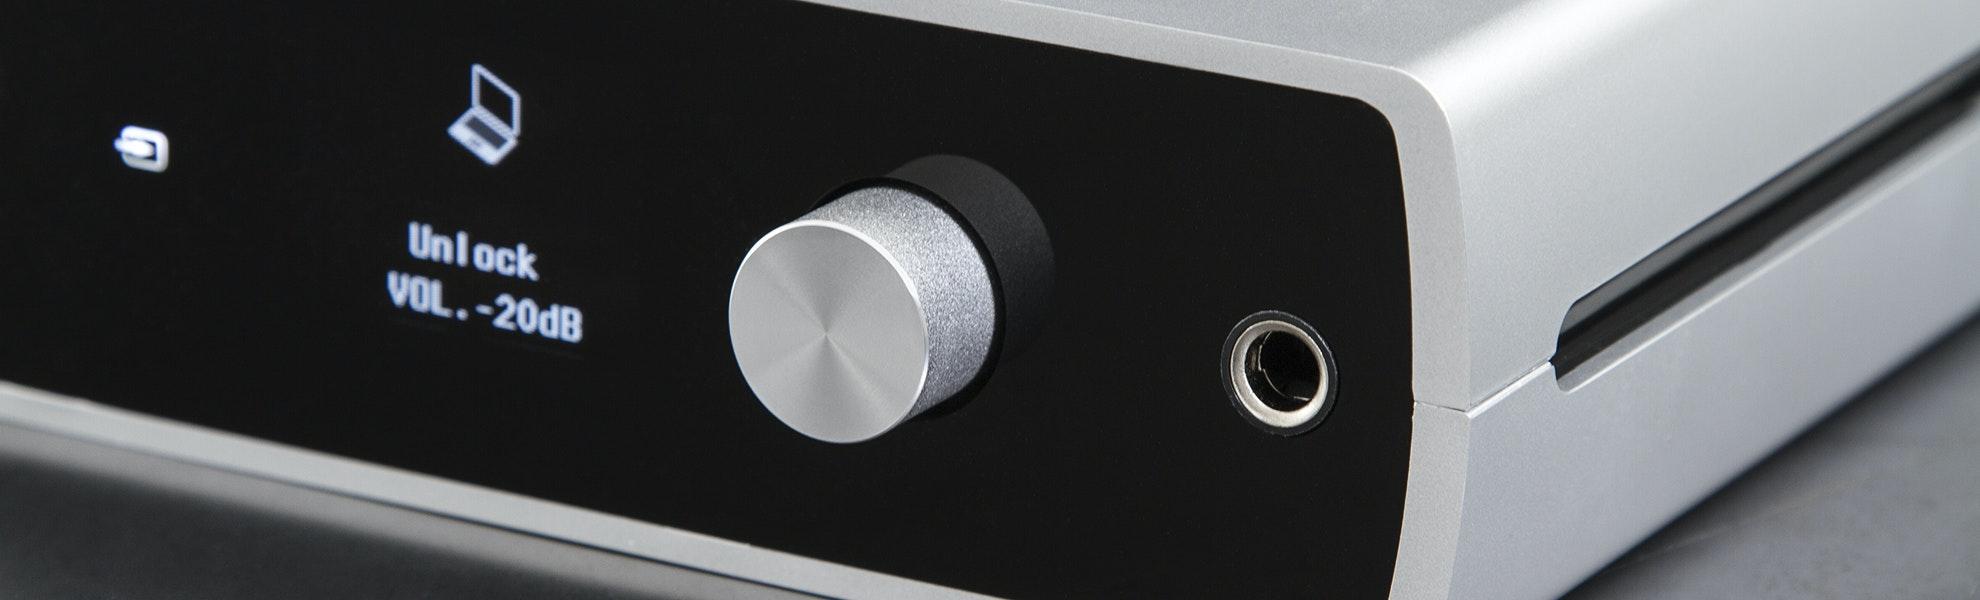 Denon DA-300USB DAC/Amp